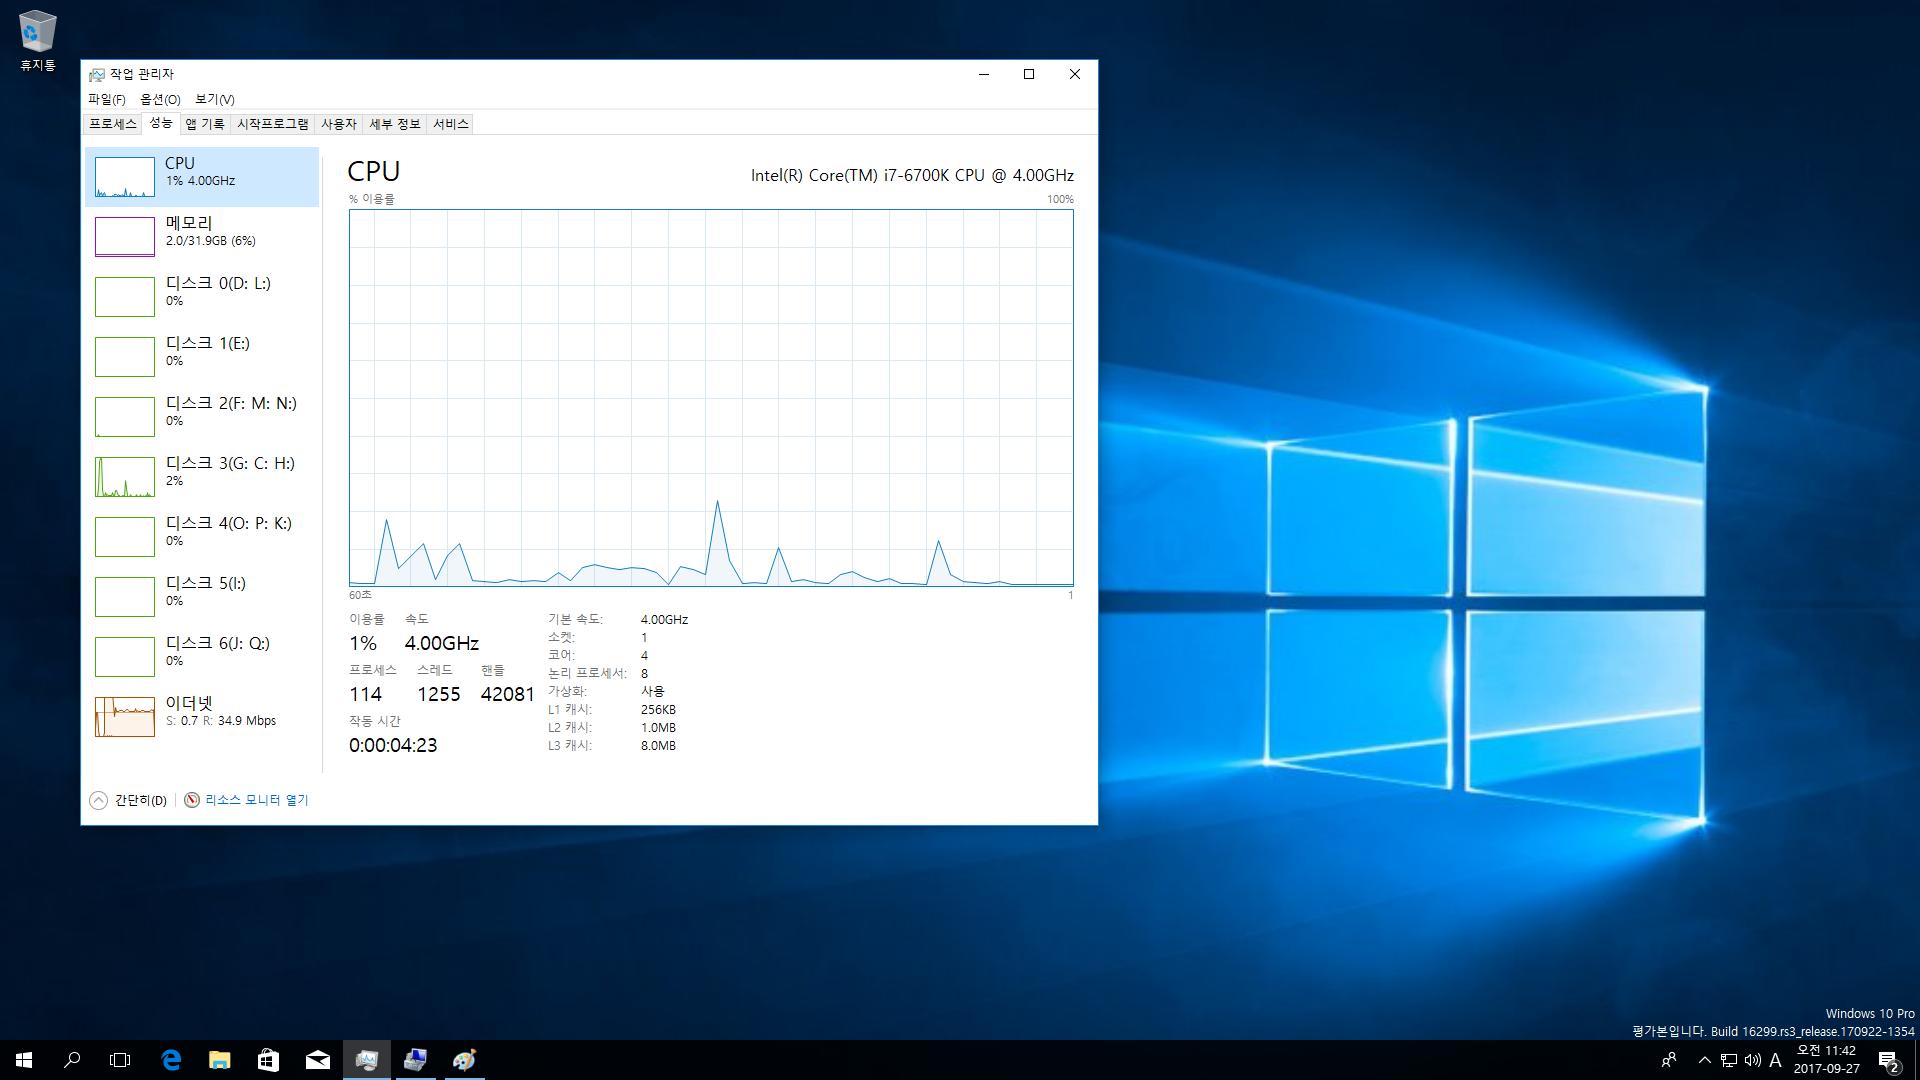 윈도10 레드스톤3 인사이더 프리뷰 16299 빌드 나왔네요 - 그래픽카드 GPU 사용률 확인하기 위하여 실컴에 설치 테스트 - GPU는 안 나오네요- 드라이버 설치해야 할 듯 하네요.png